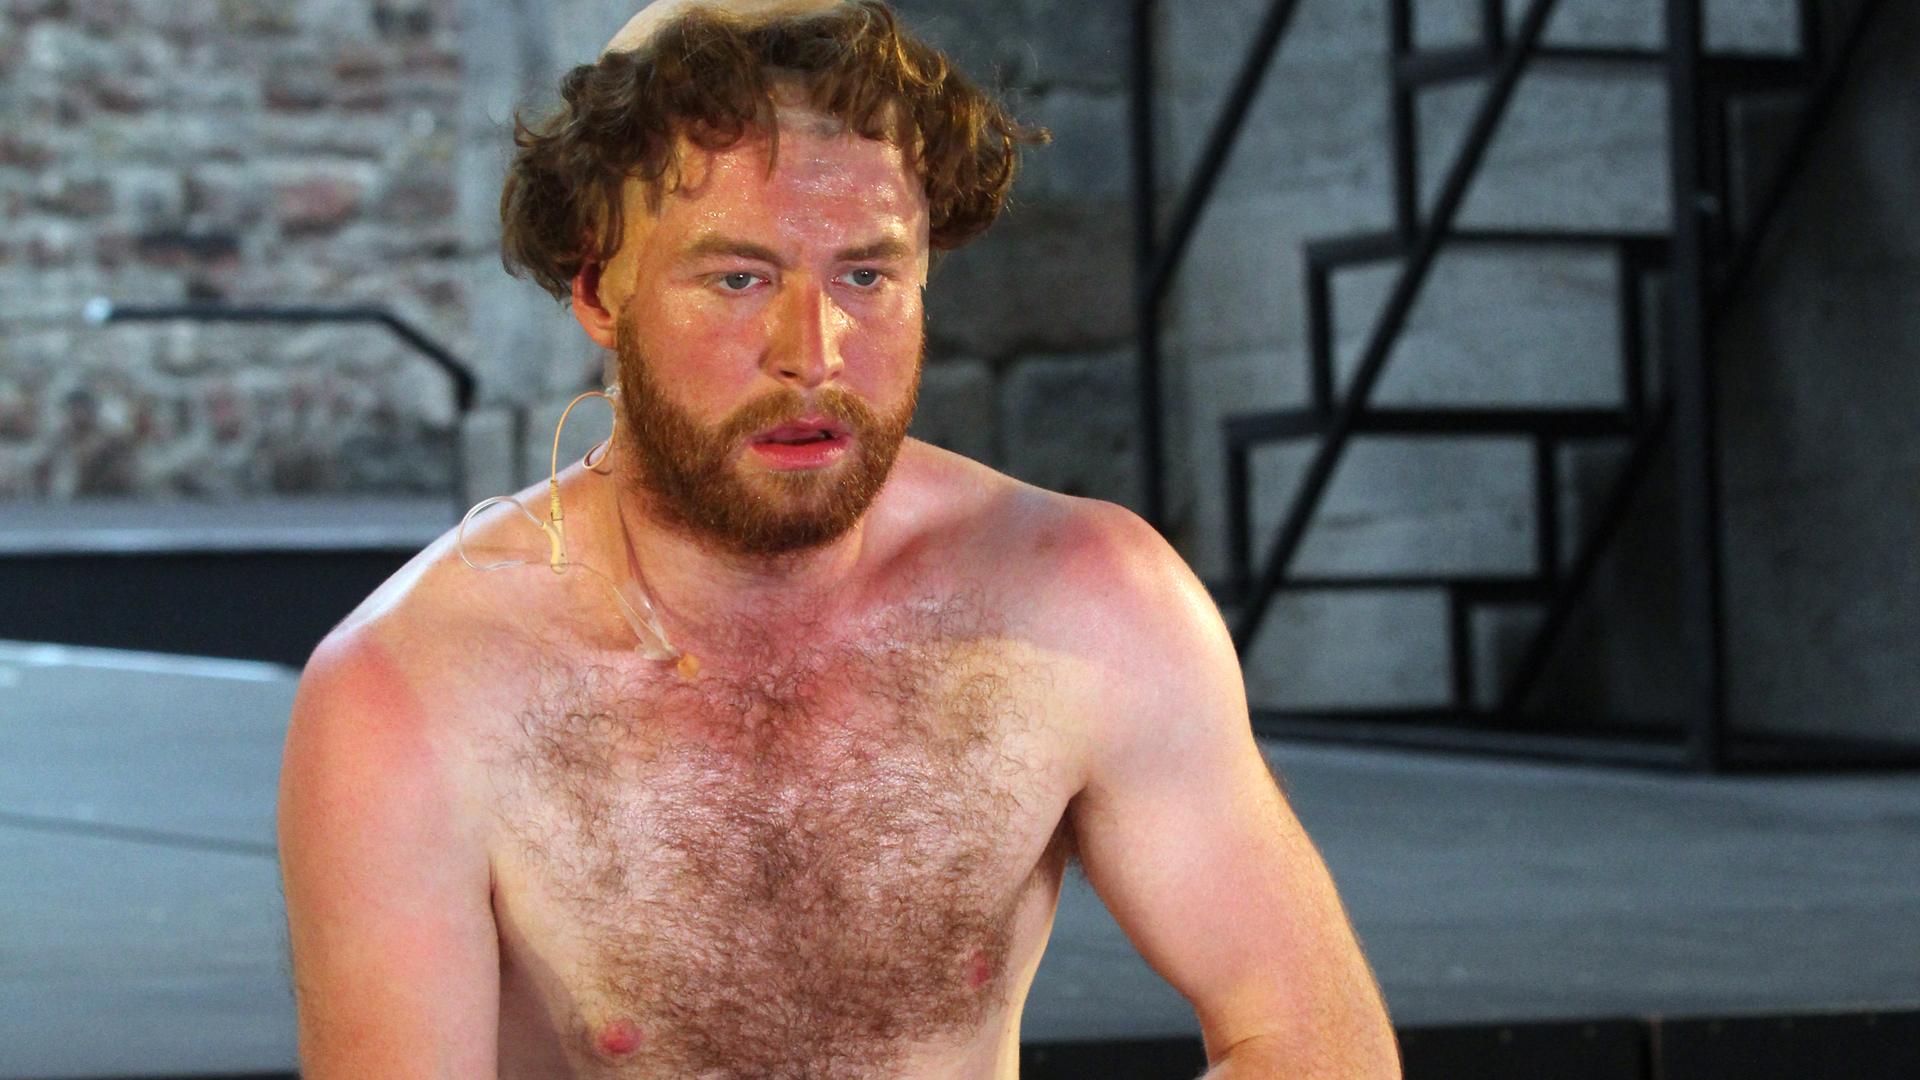 Maximilian Pulst spielt Luther, den Überheblichen, mit Leidenschaft und ganzem Körpereinsatz